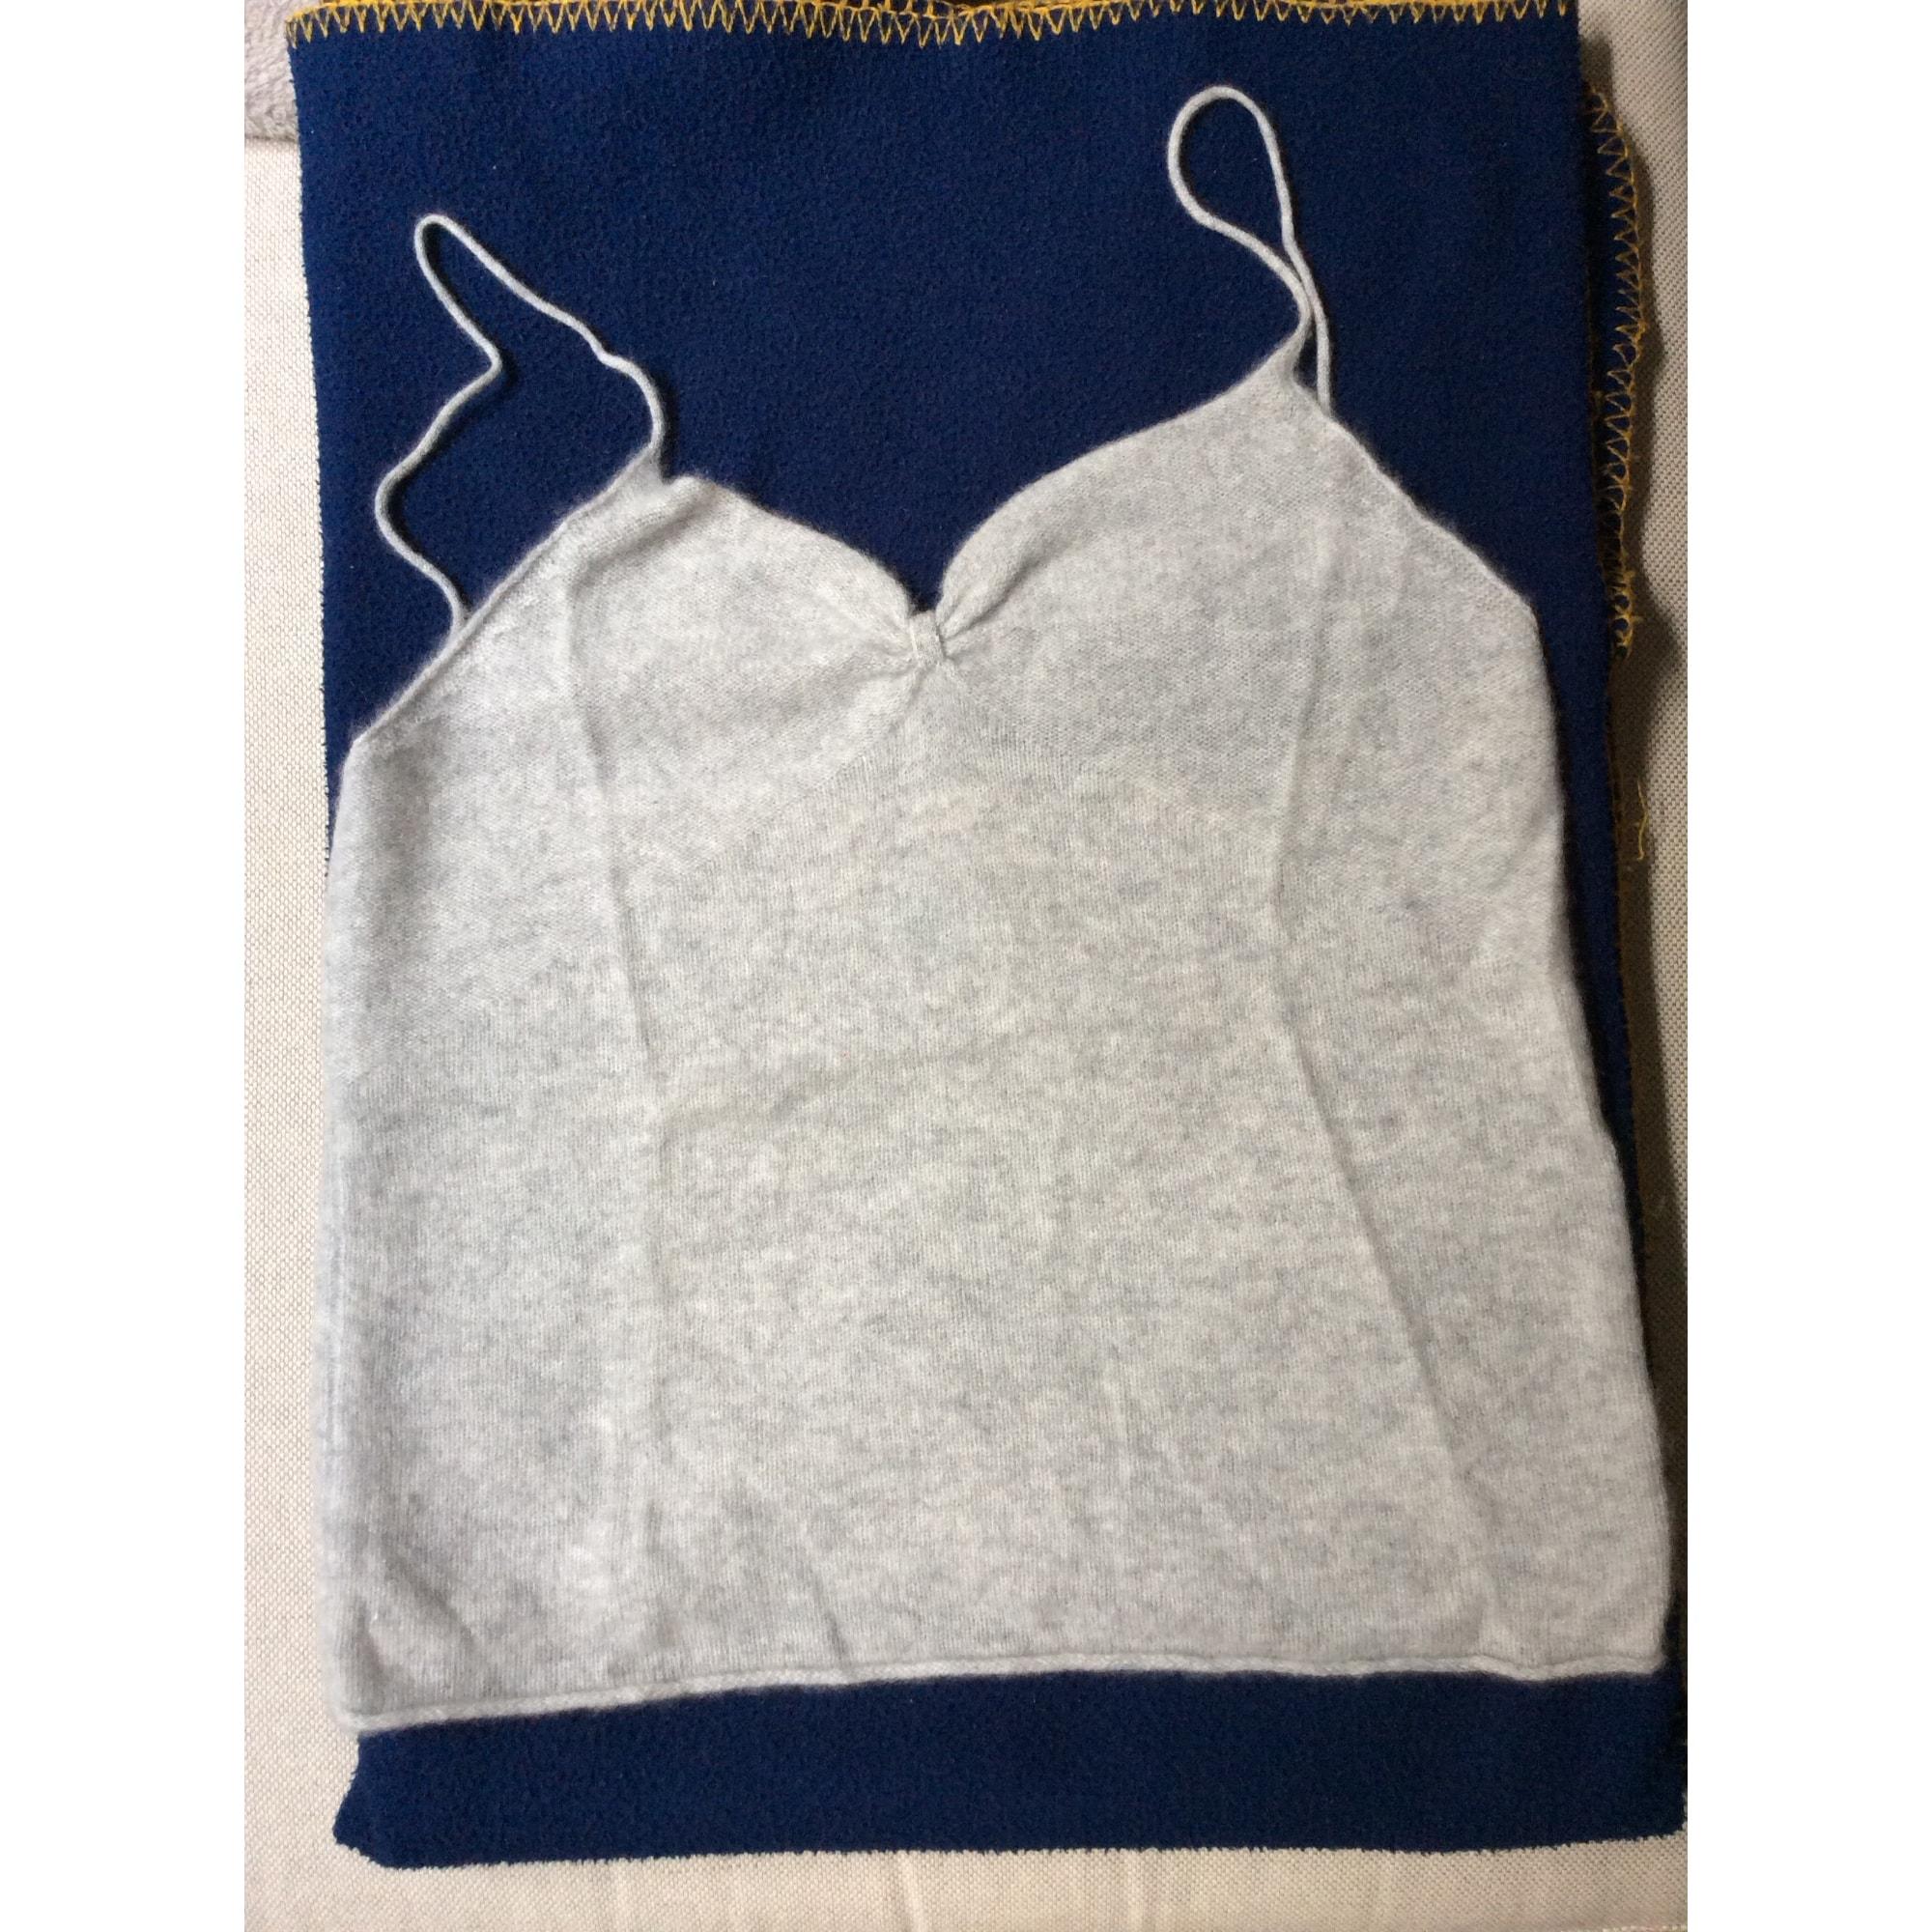 Top, tee-shirt LE MONT SAINT MICHEL Gris, anthracite